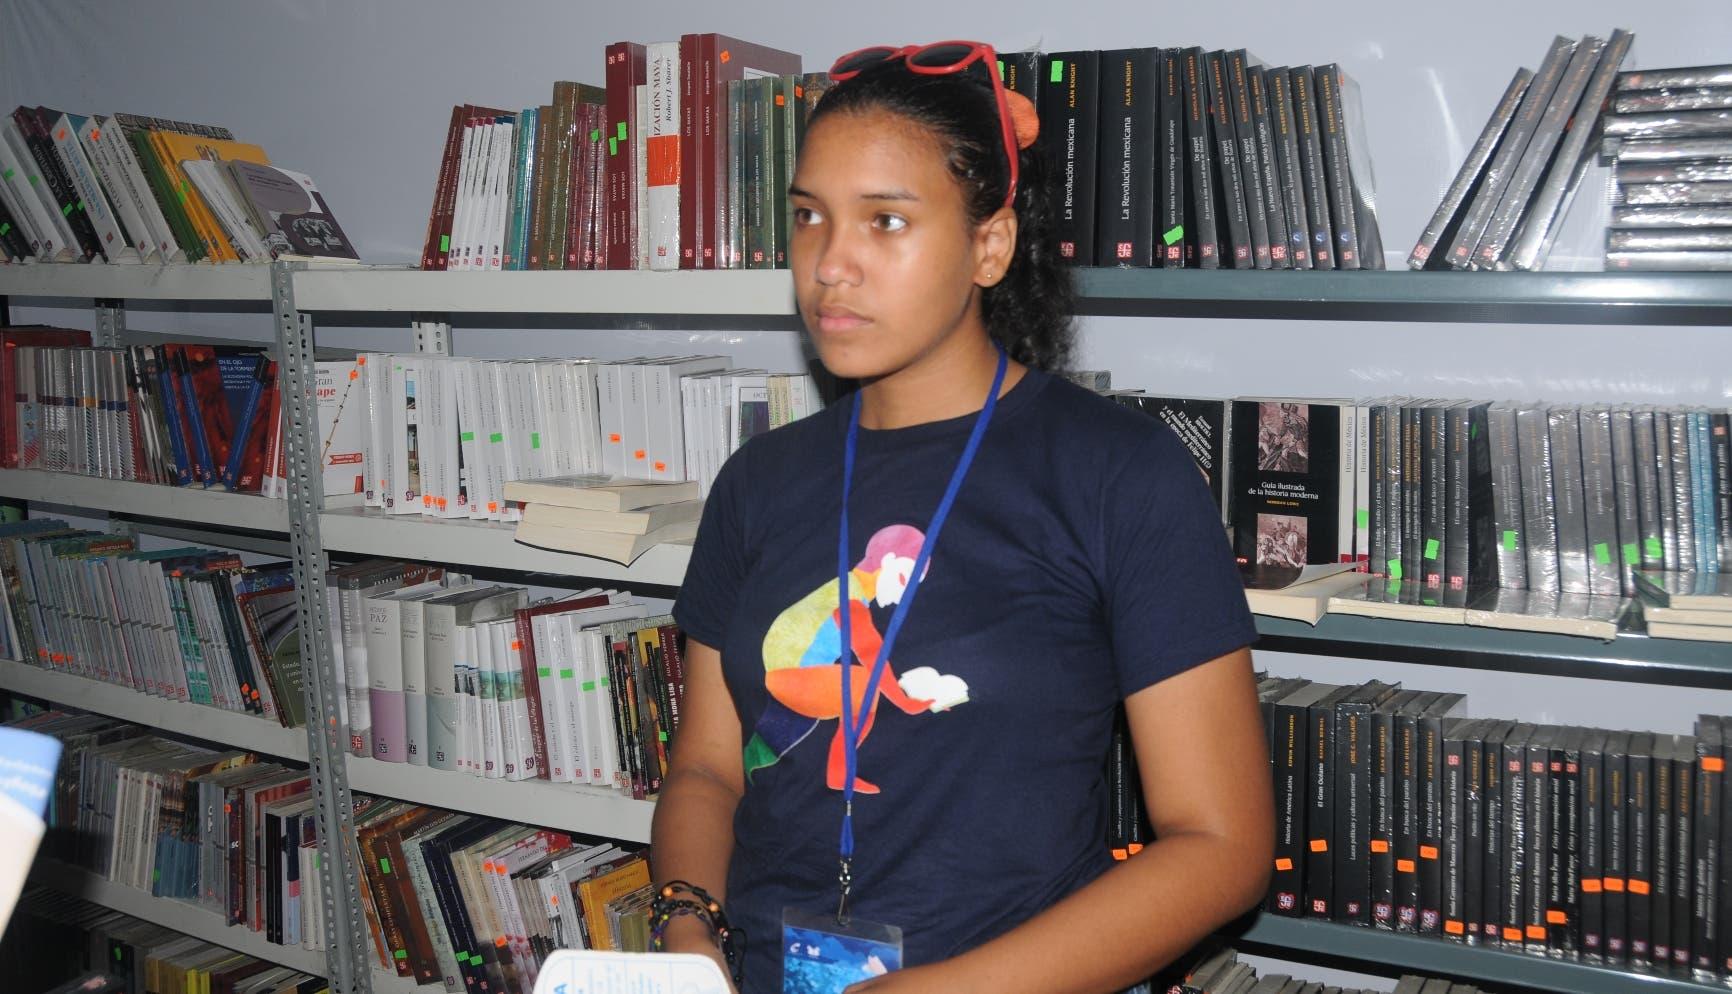 Ana Mercedes, del Fondo Cultural Económico, dijo que las lluvias han afectado las ventas. Nicolás Monegro.